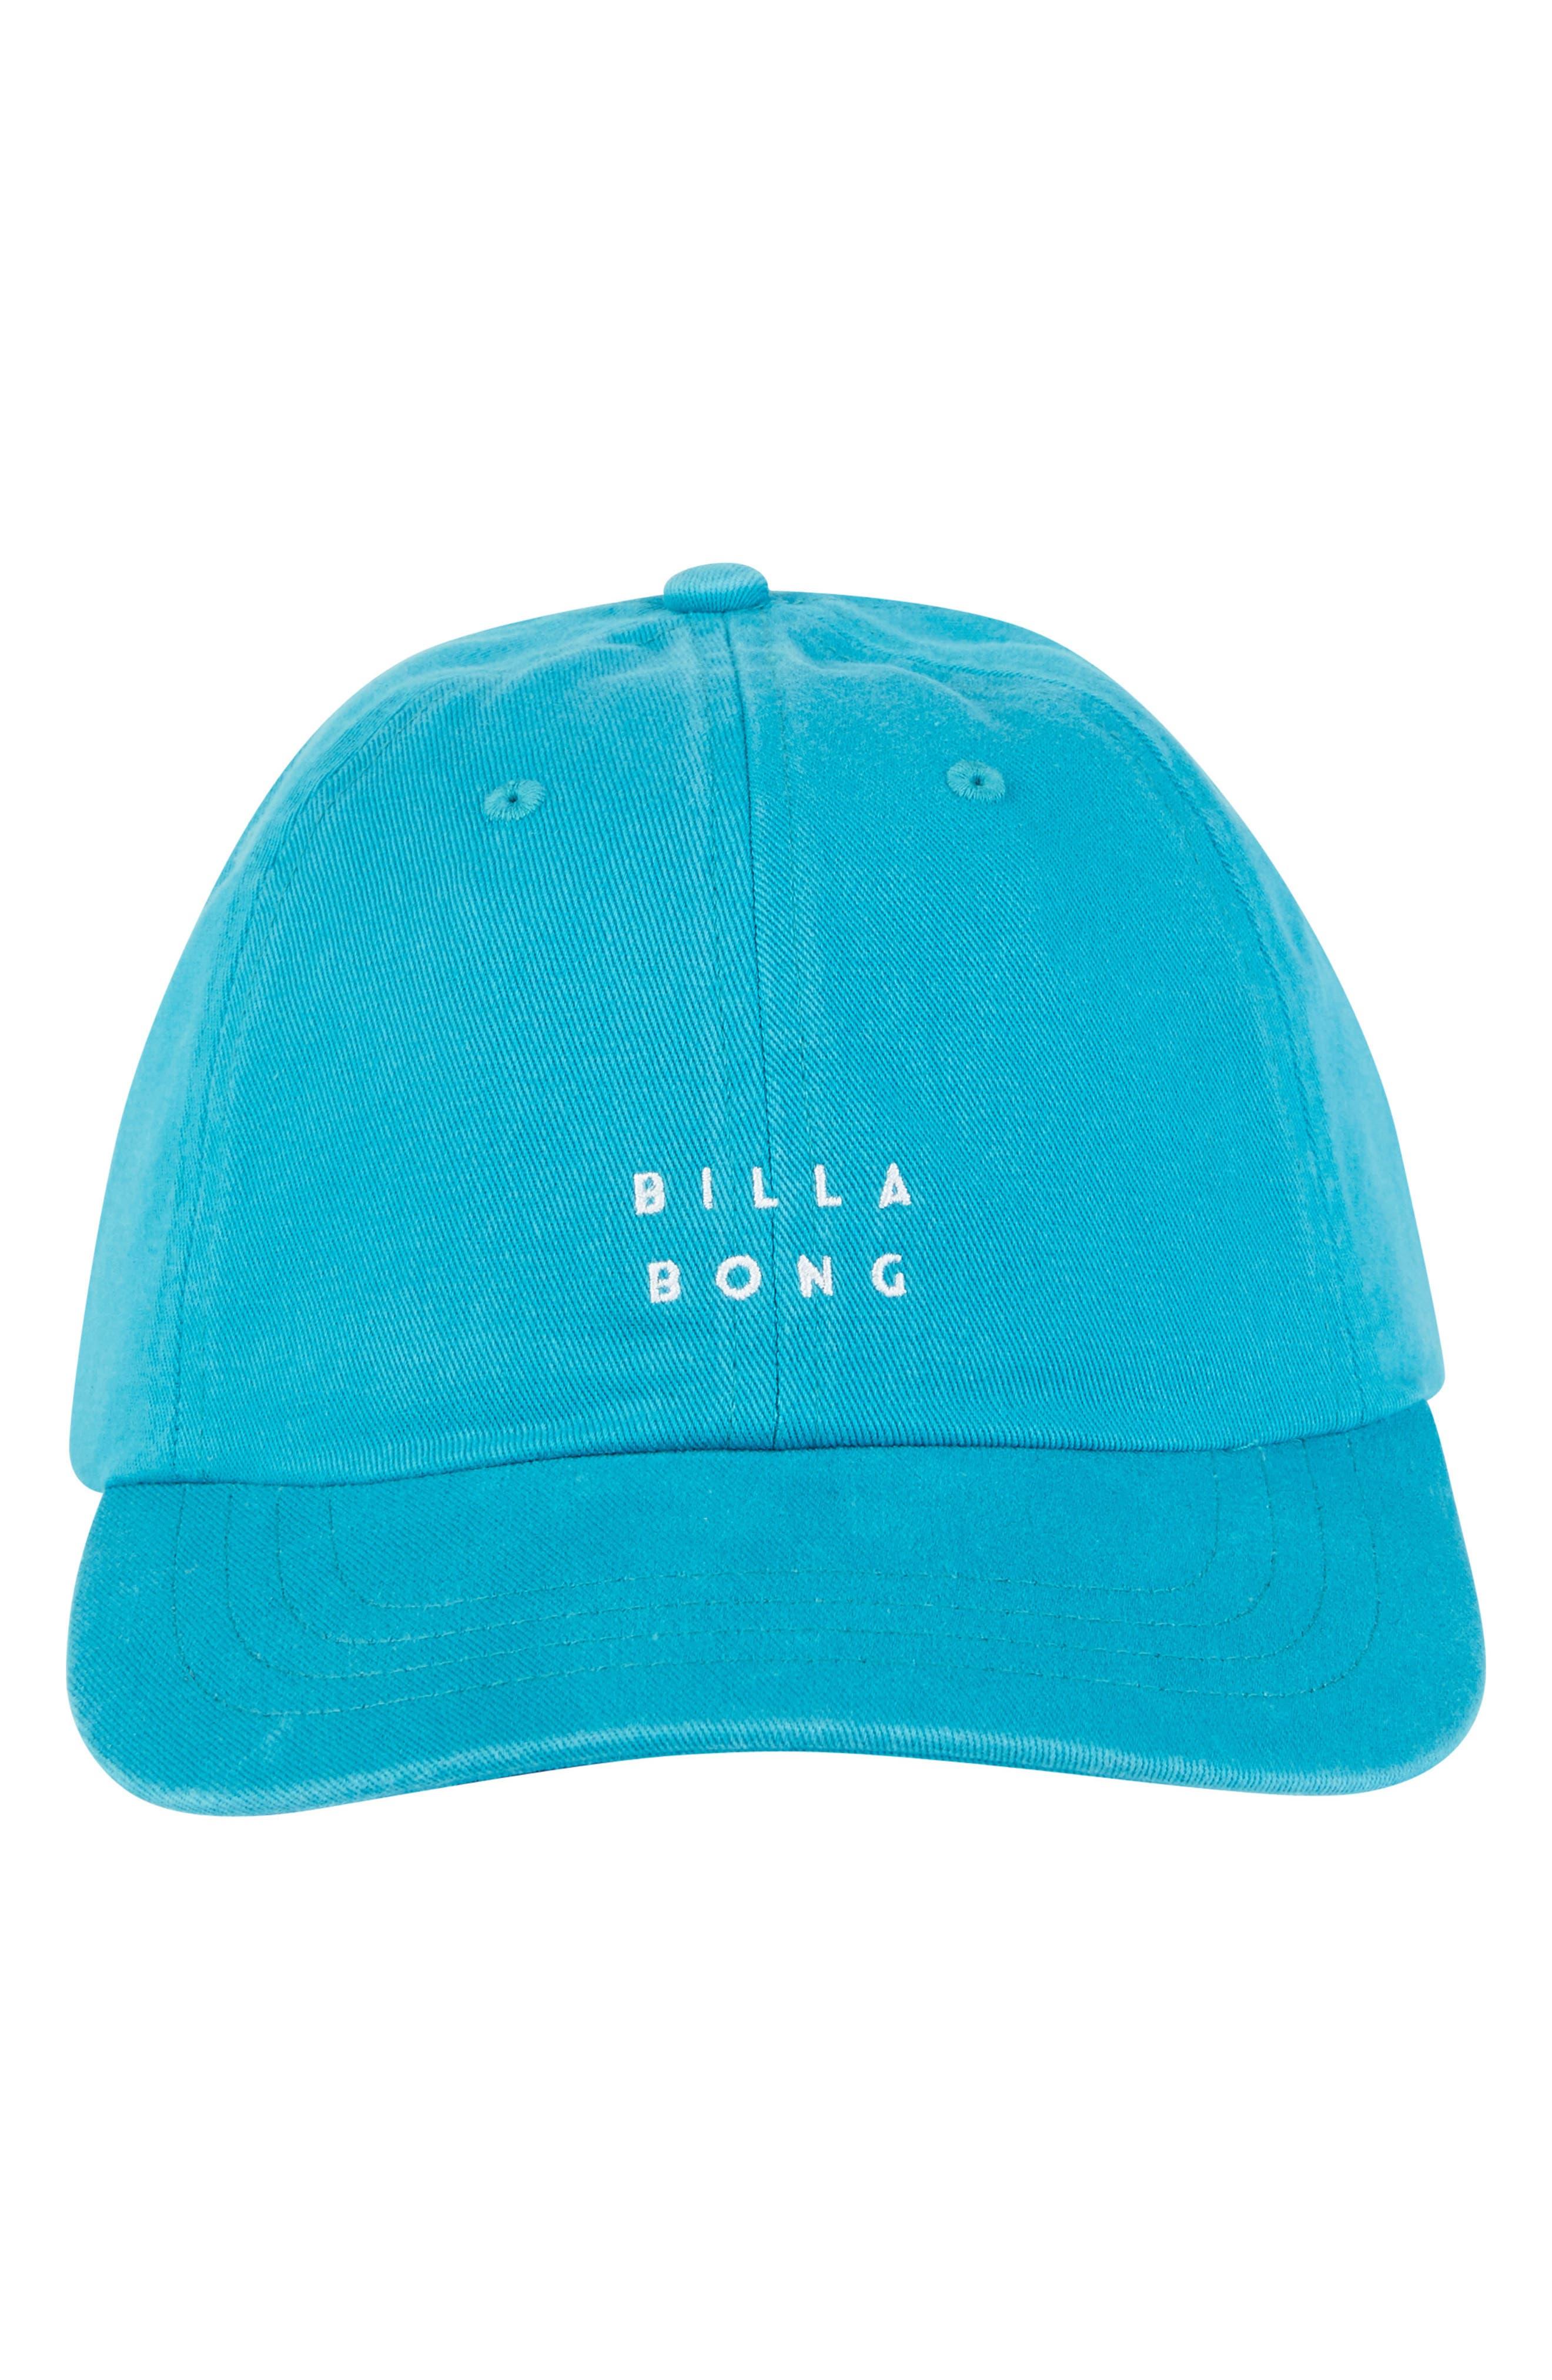 Die Cut Lad Hat,                             Alternate thumbnail 3, color,                             Turquoise